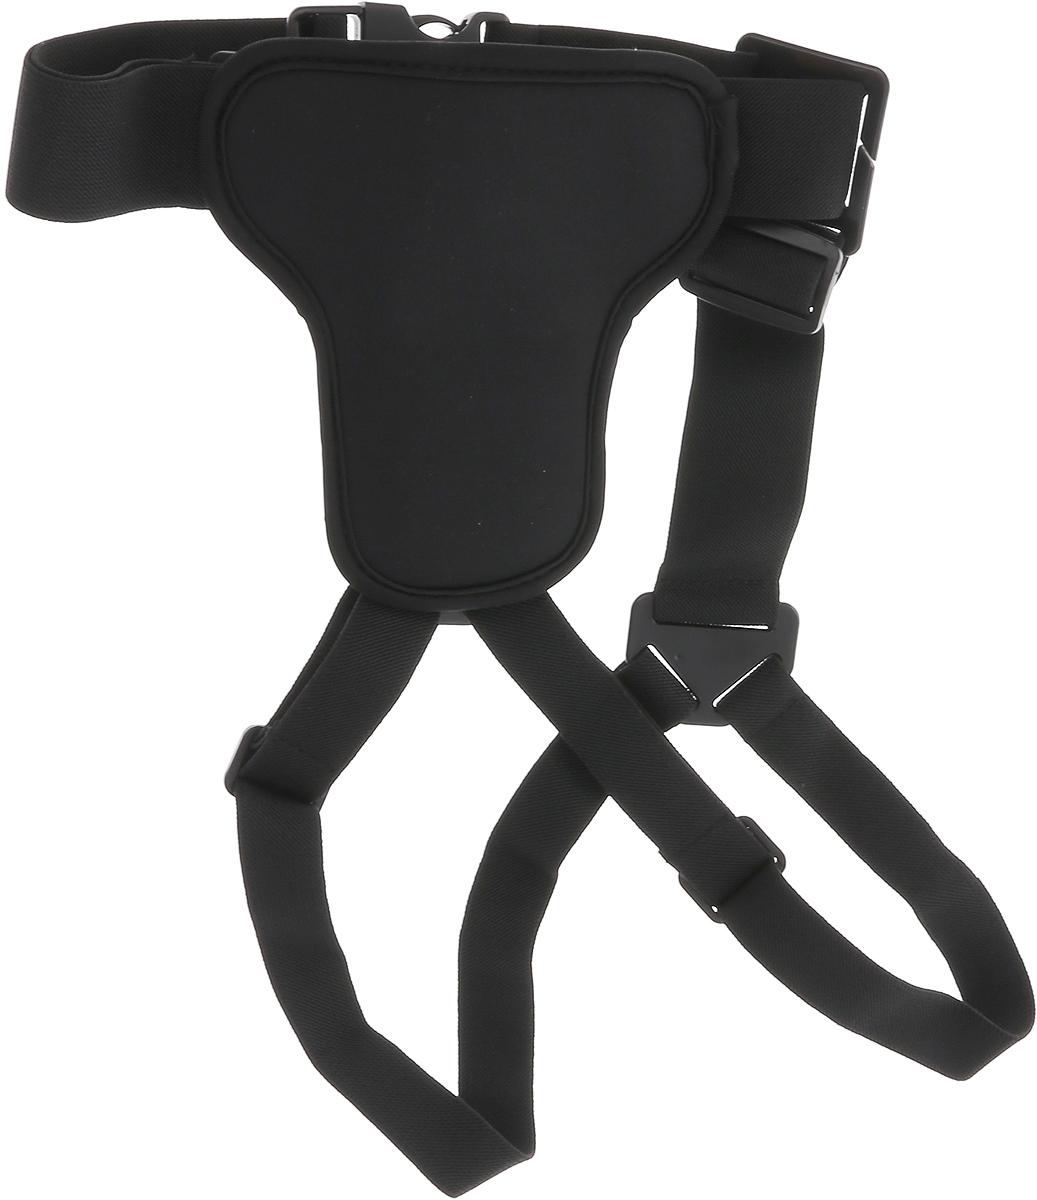 Eken GP136 крепление на грудь для экшн-камер